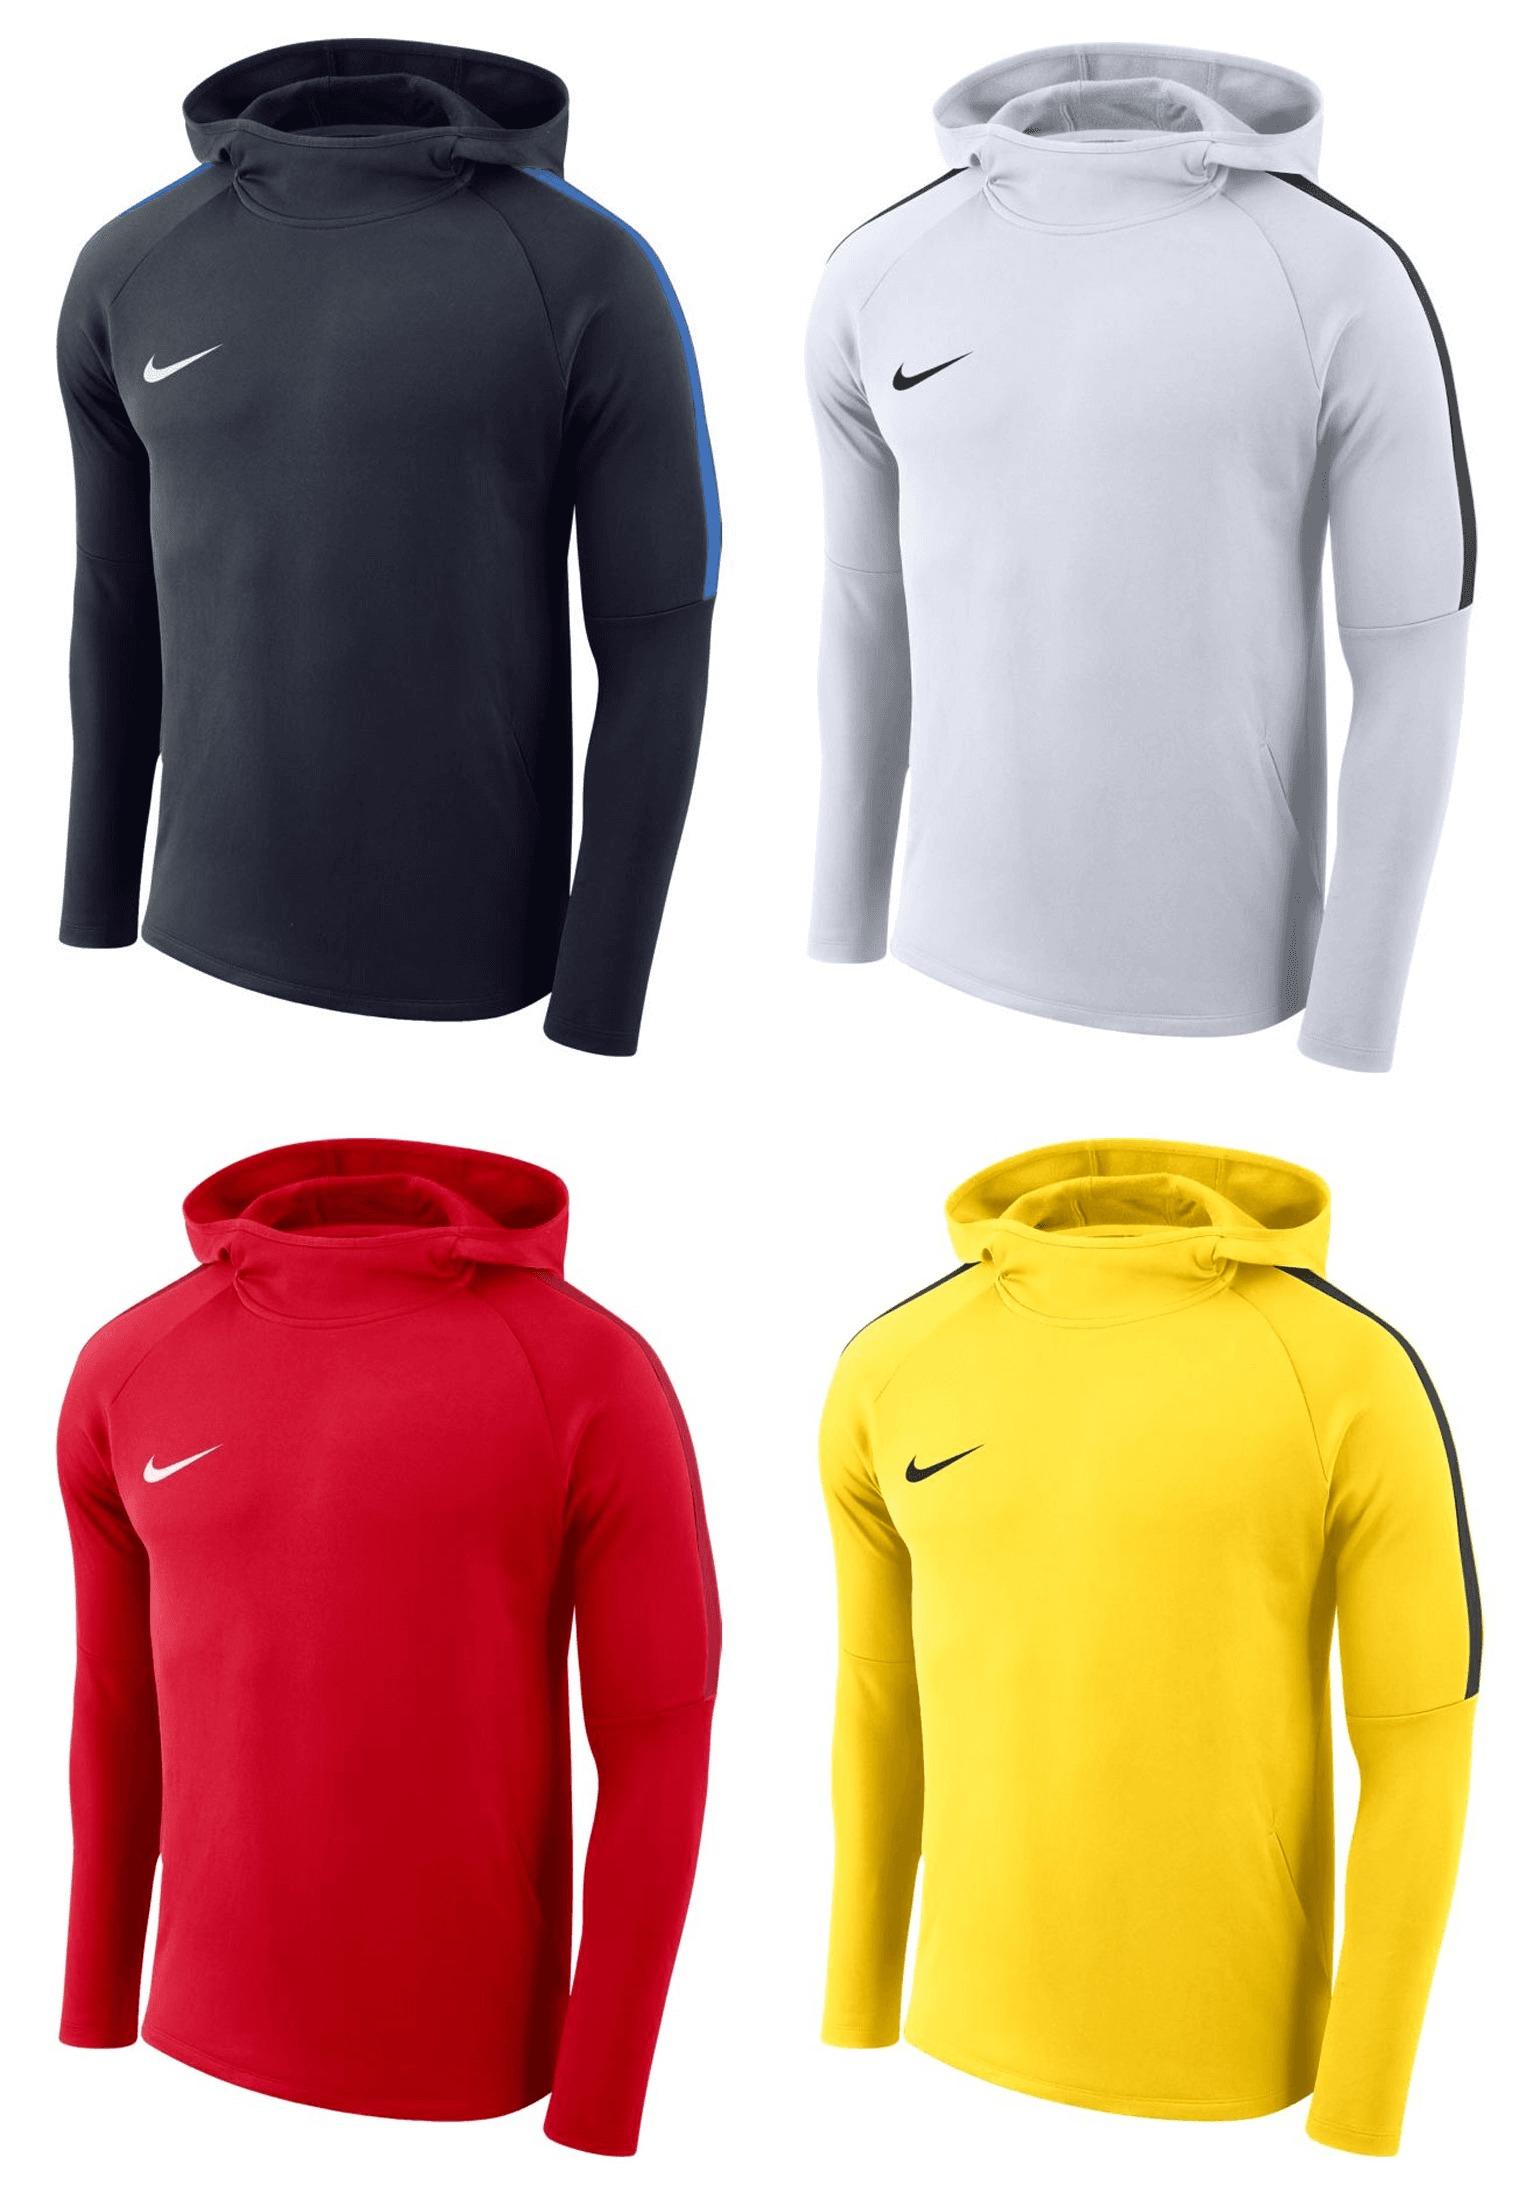 Sweat à capuche Nike Academy 18 - 7 coloris - Tailles du S au XXL